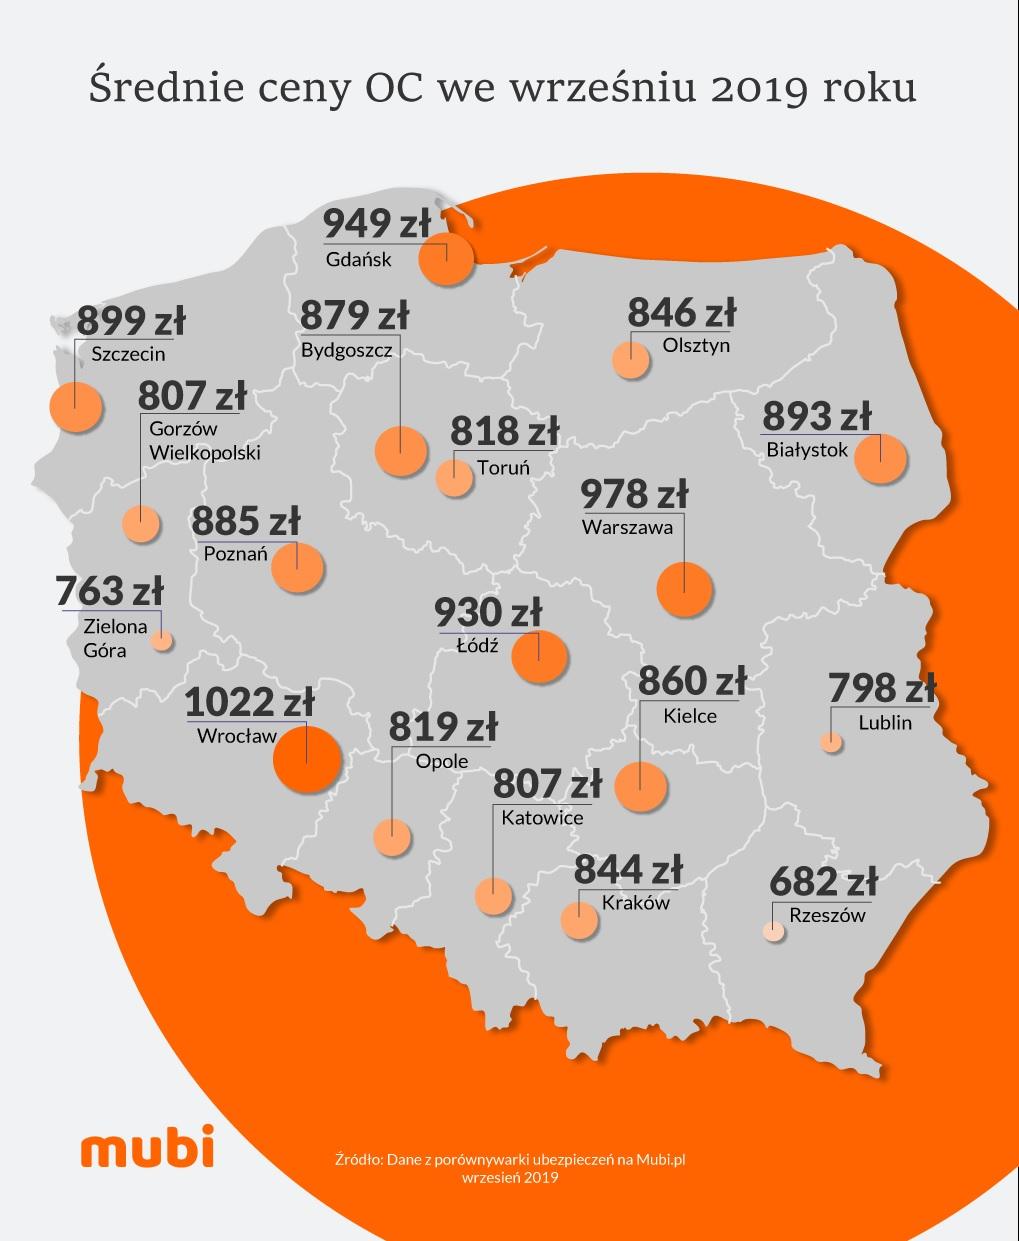 średnie ceny OC w miastach wojewódzkich wg Mubi